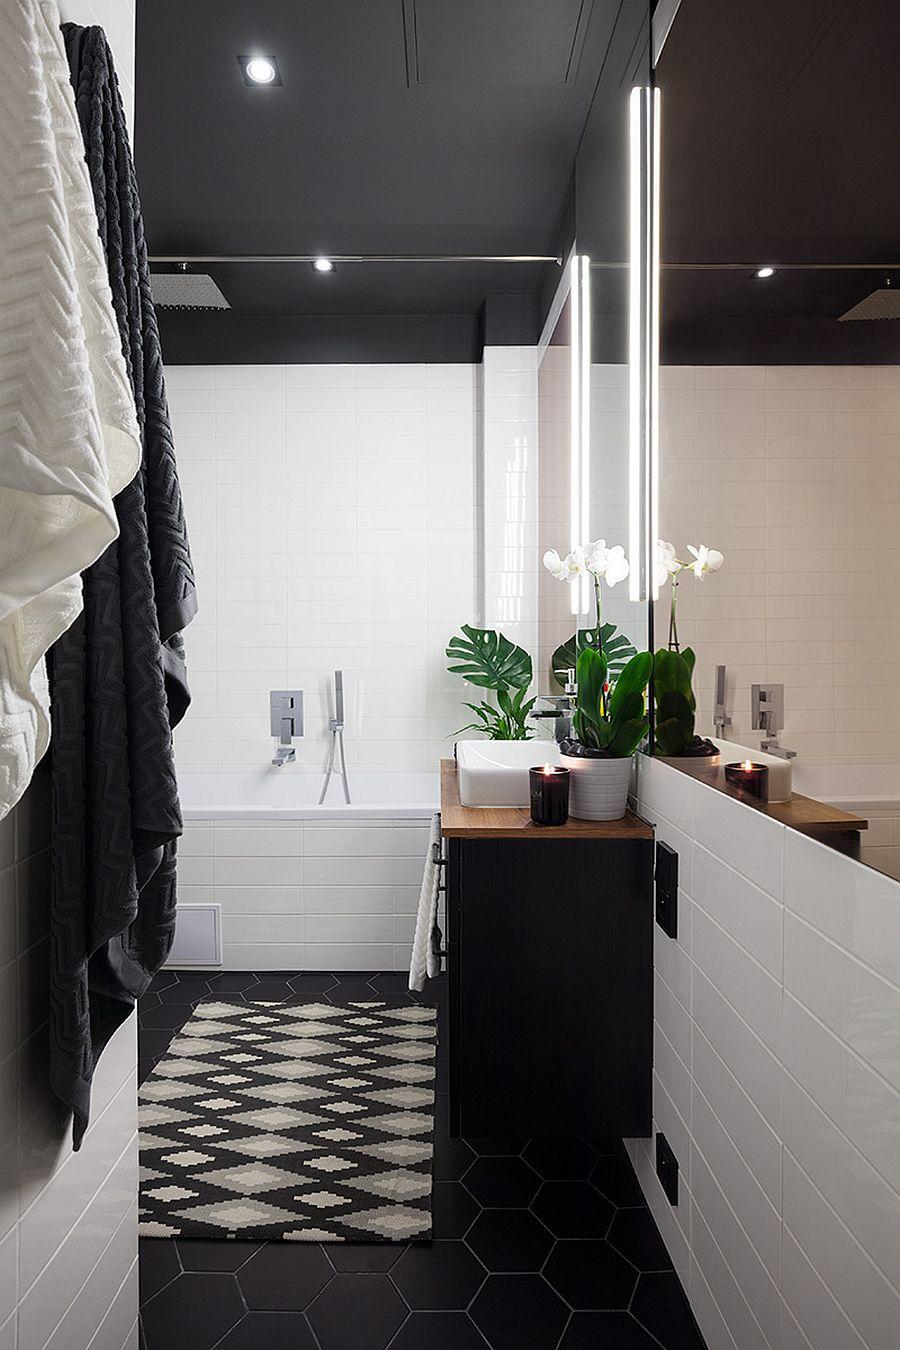 Dark hexagonal tiles for the bathroom floor